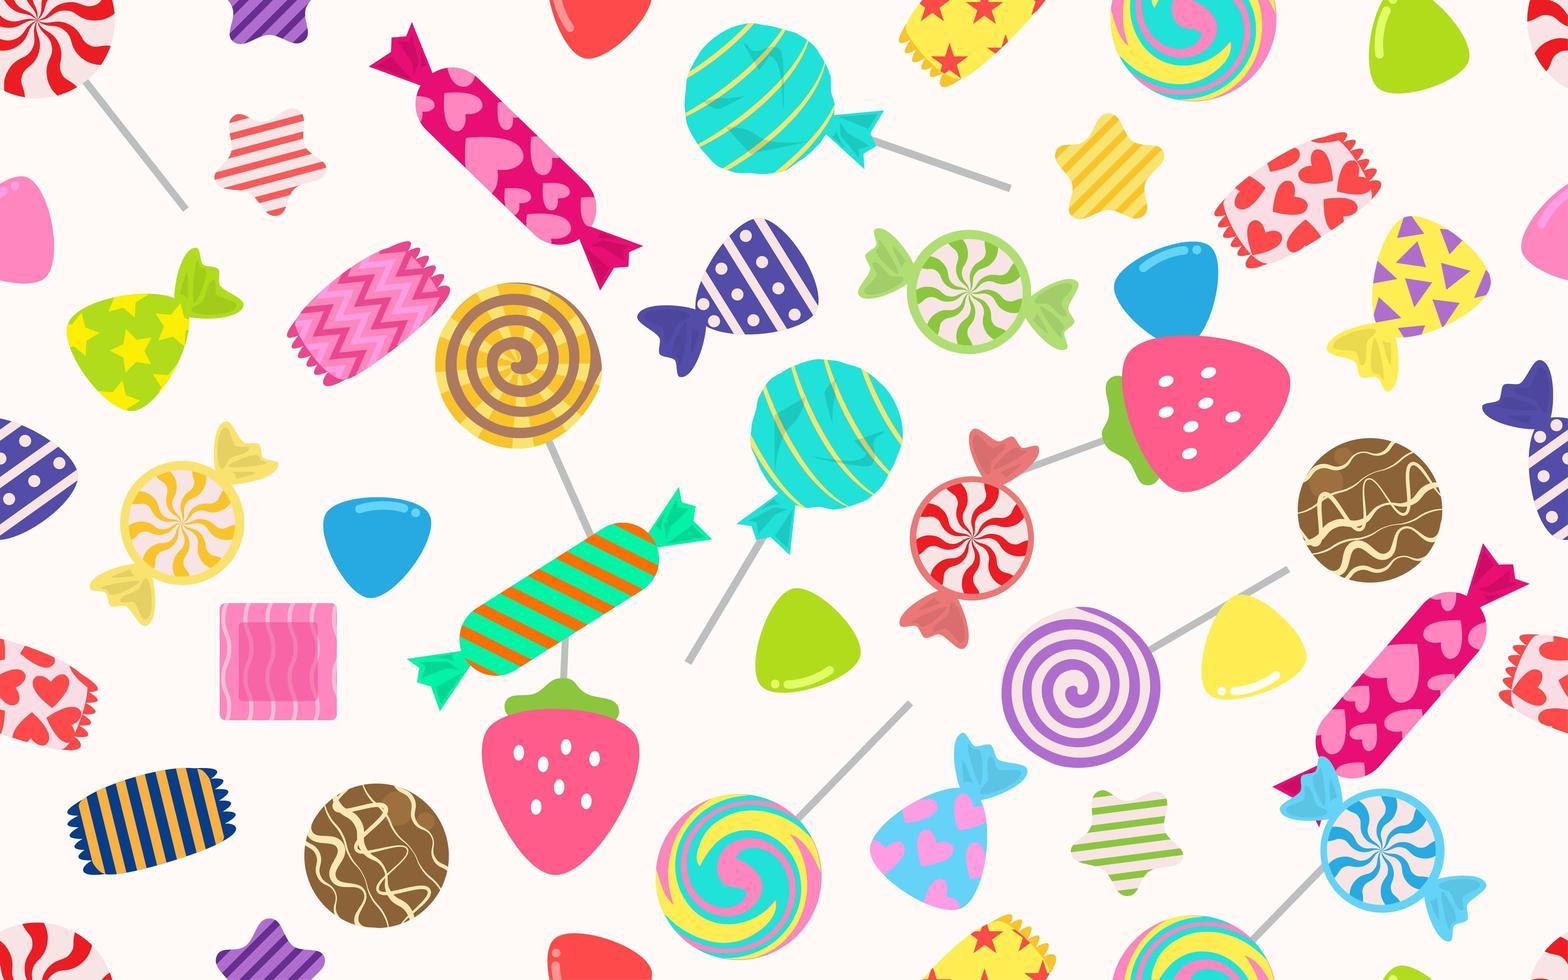 nahtloses Muster von Süßigkeiten und Erdbeeren vektor